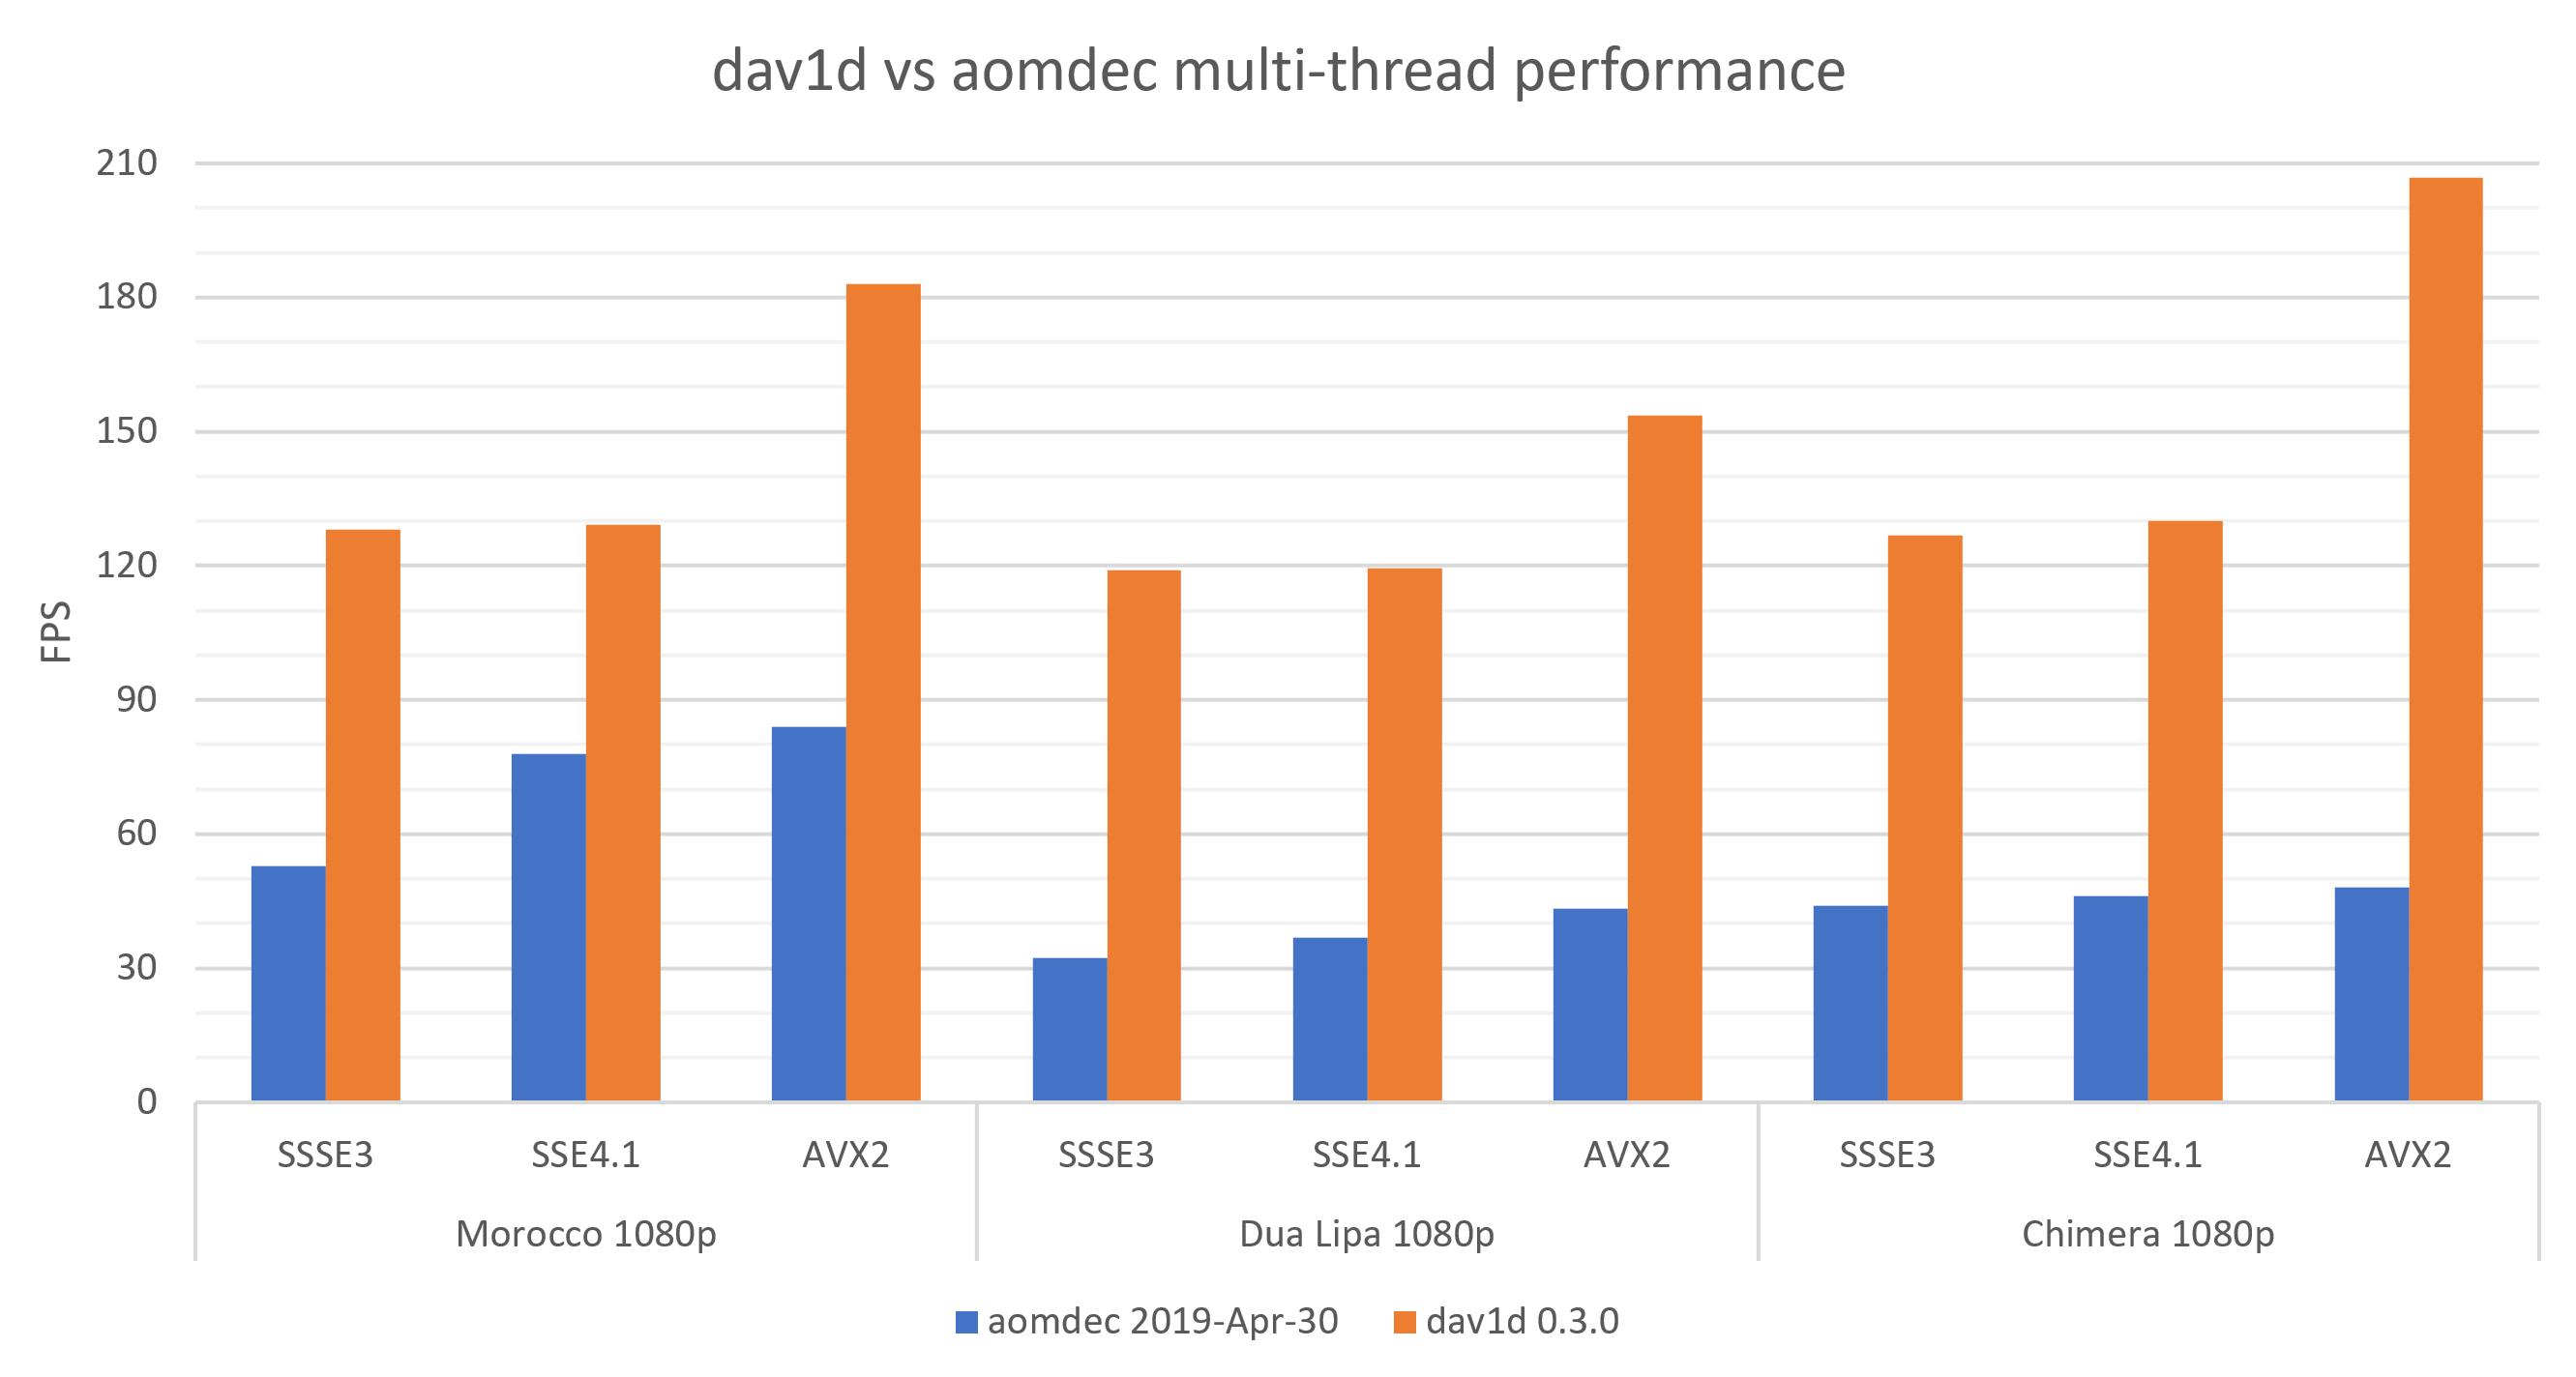 dav1d vs aomdec multithread performance